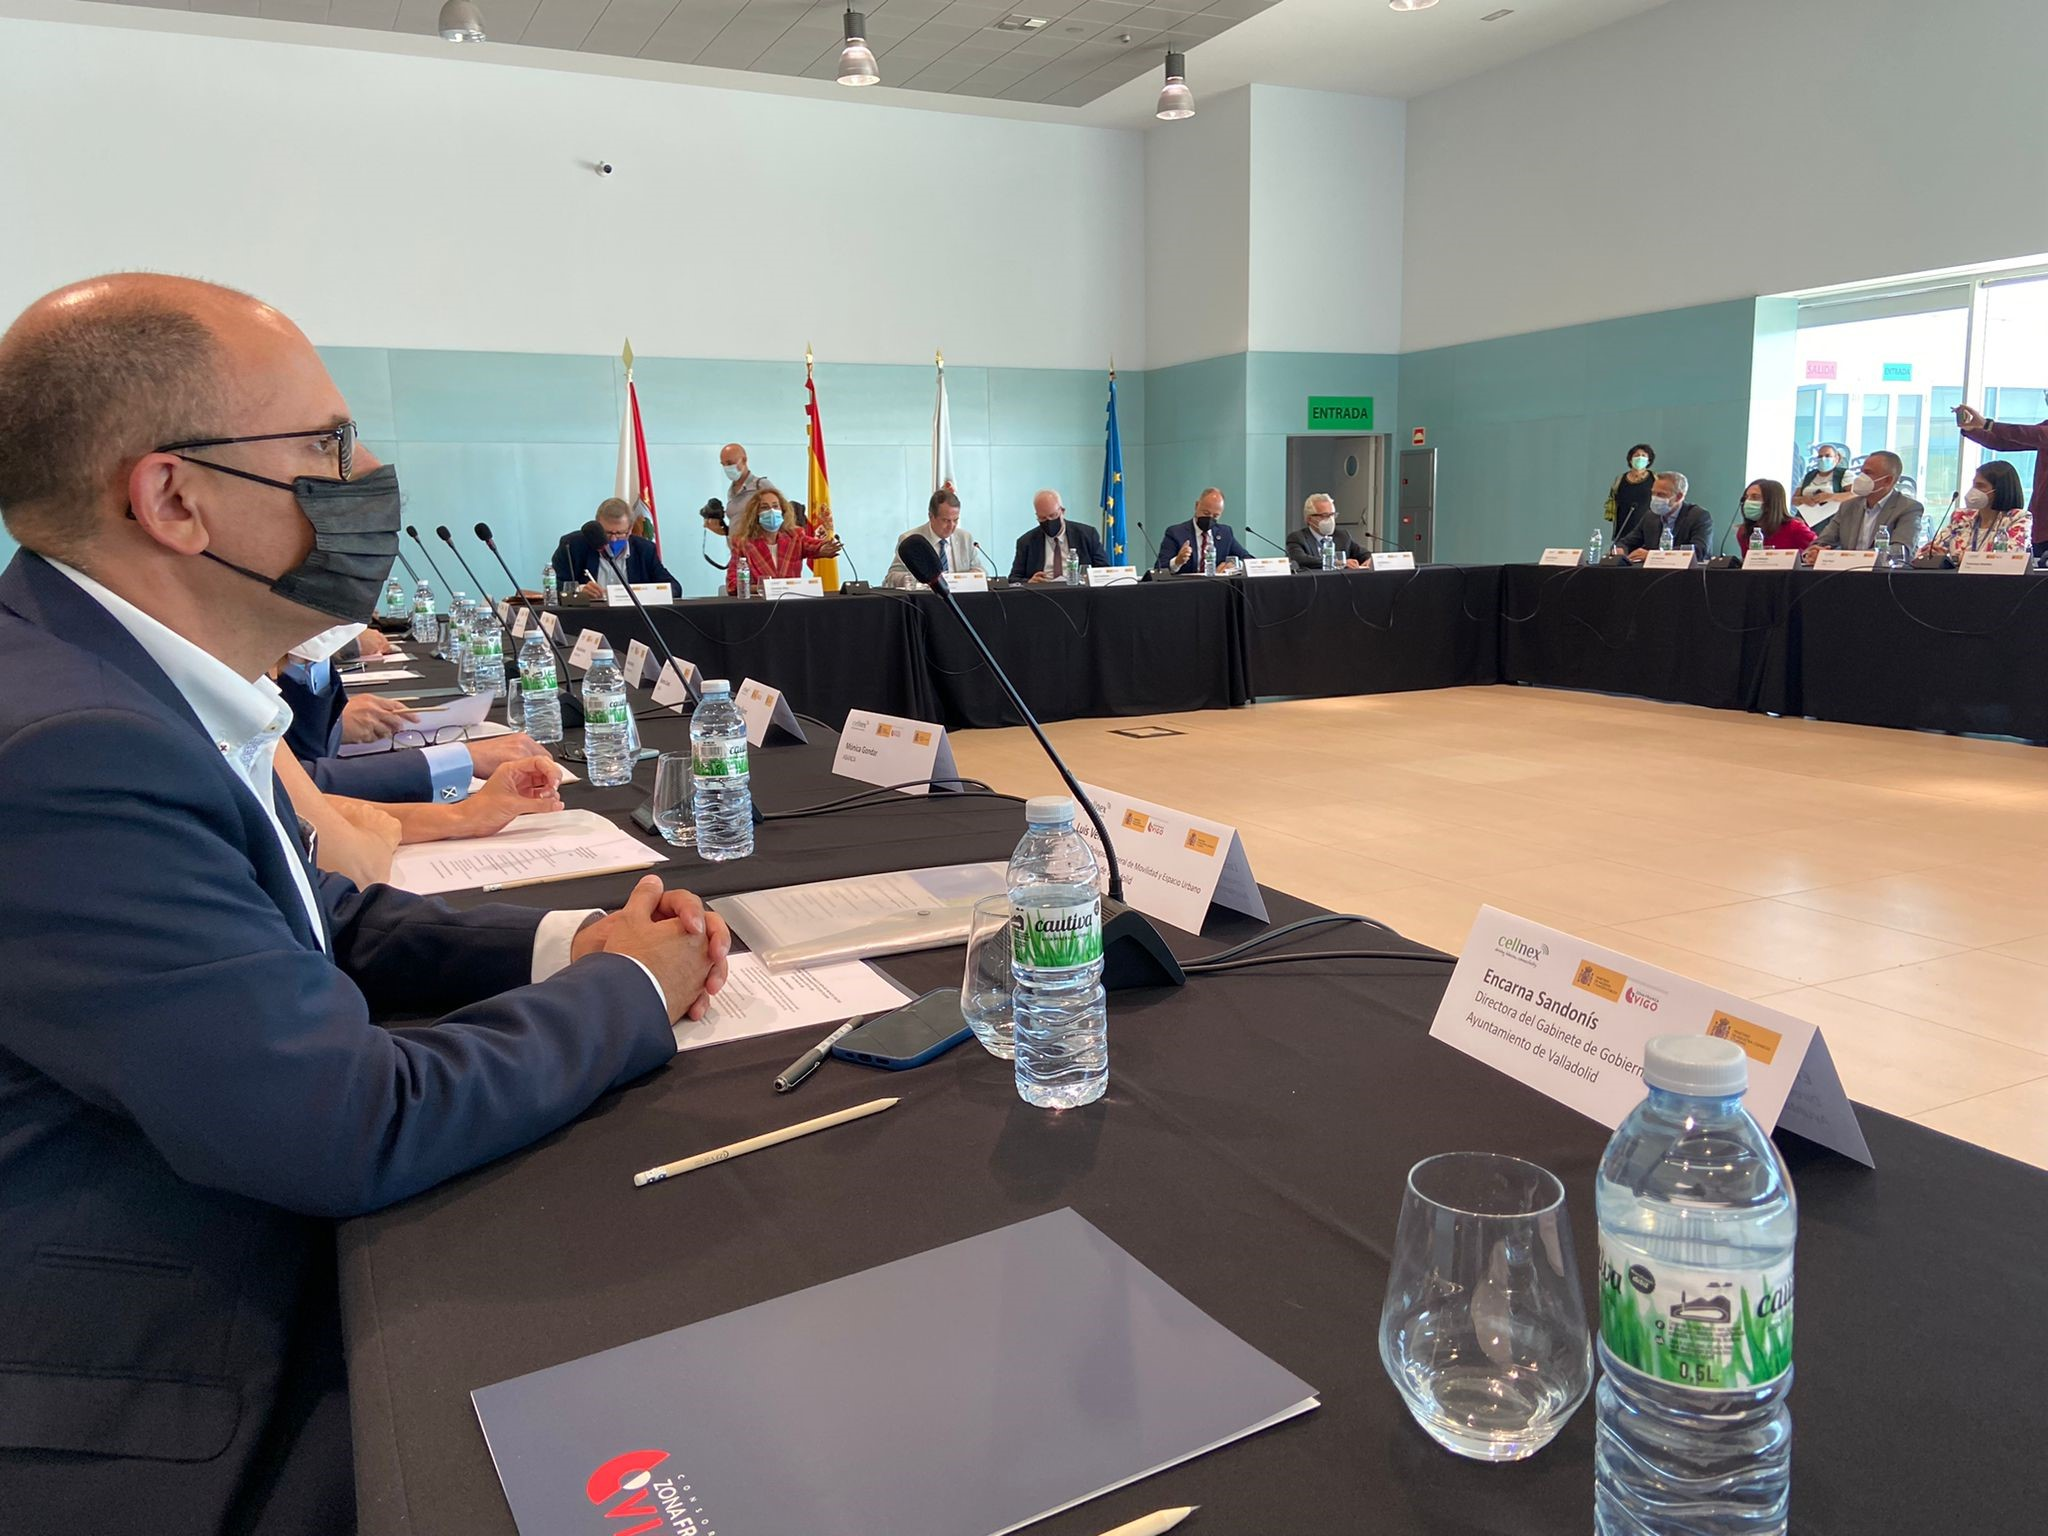 Industria presenta en Vigo el PERTE de vehículo eléctrico y conectado a entidades públicas y empresas